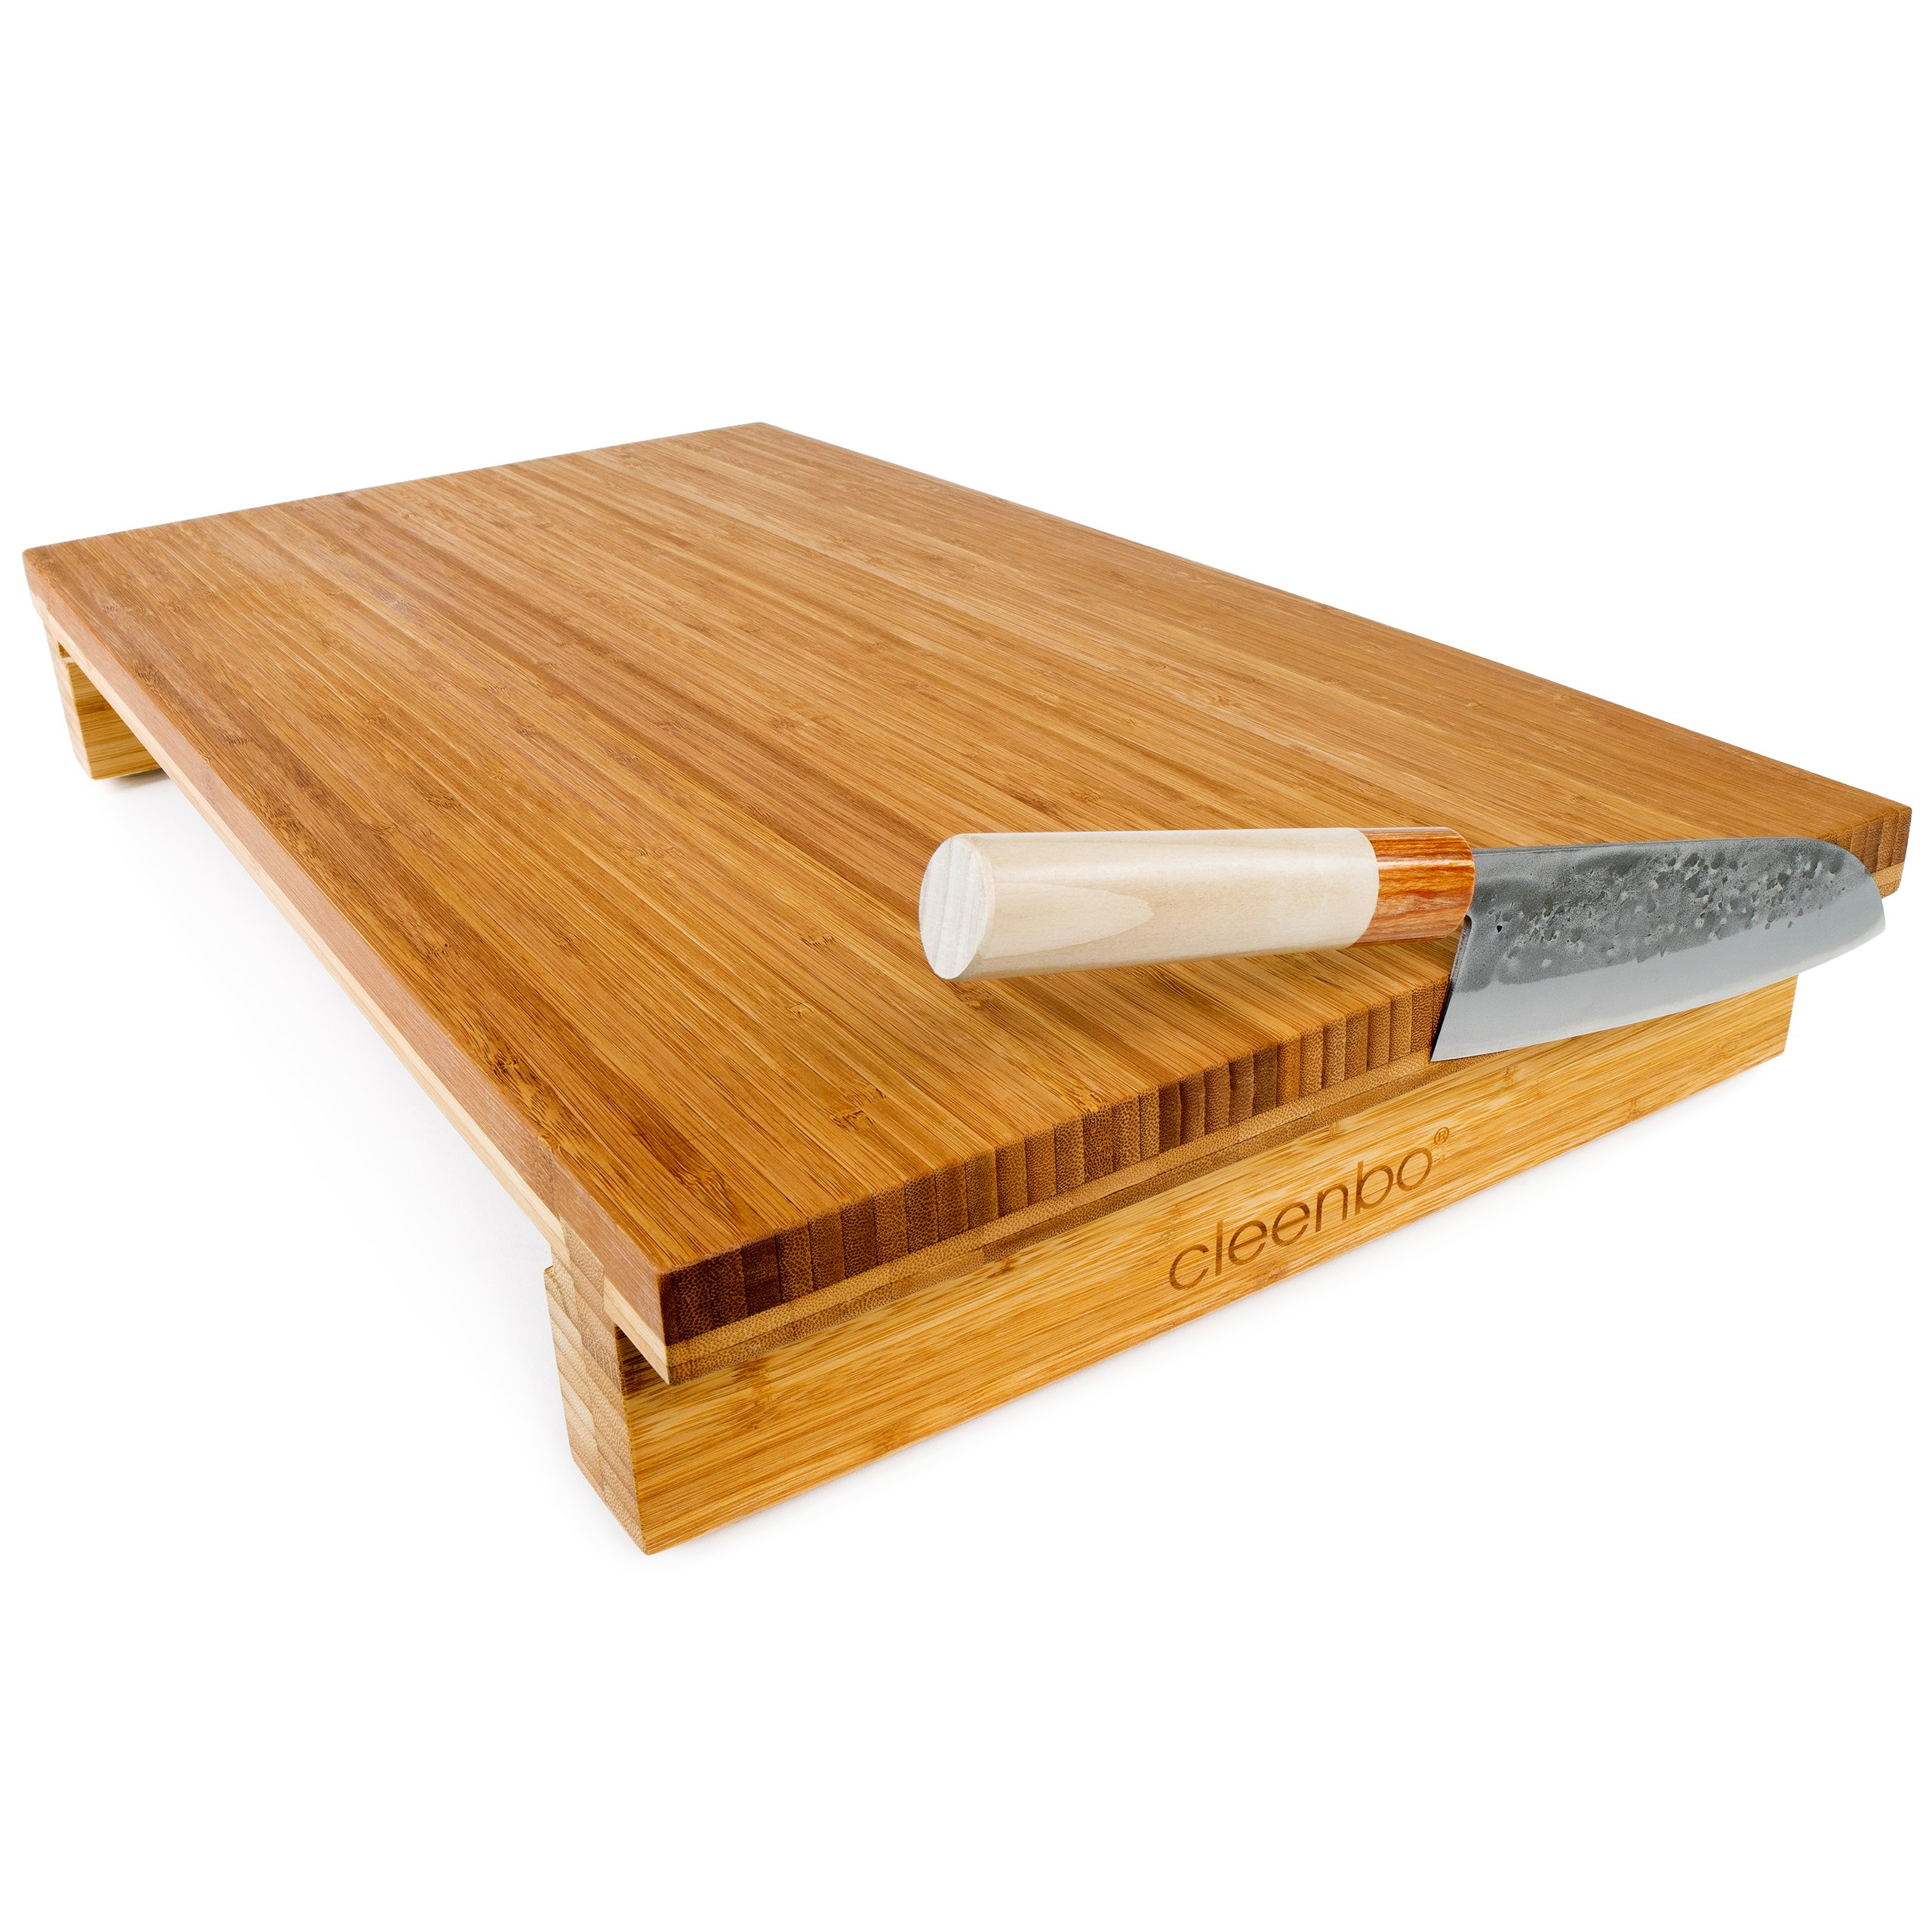 bambus schneidbrett in gro mit wanne und messermagnet 129 90. Black Bedroom Furniture Sets. Home Design Ideas